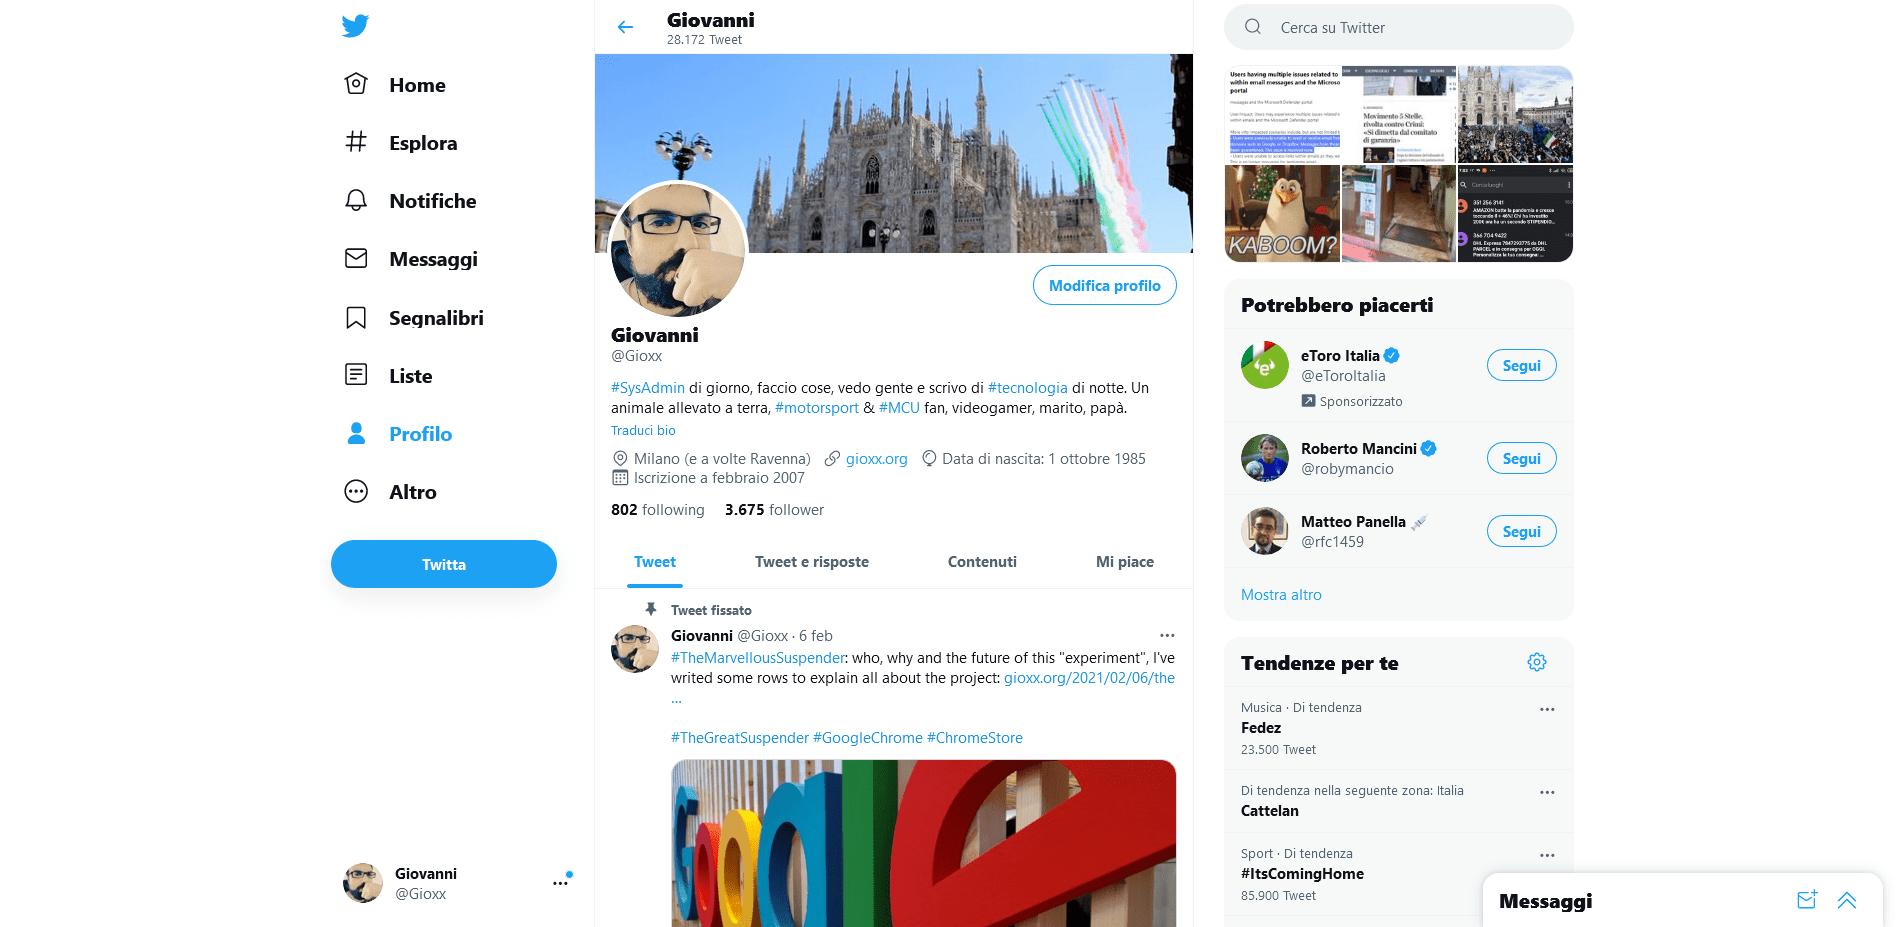 Twitter: come escludere hashtag e parole dal proprio feed 3